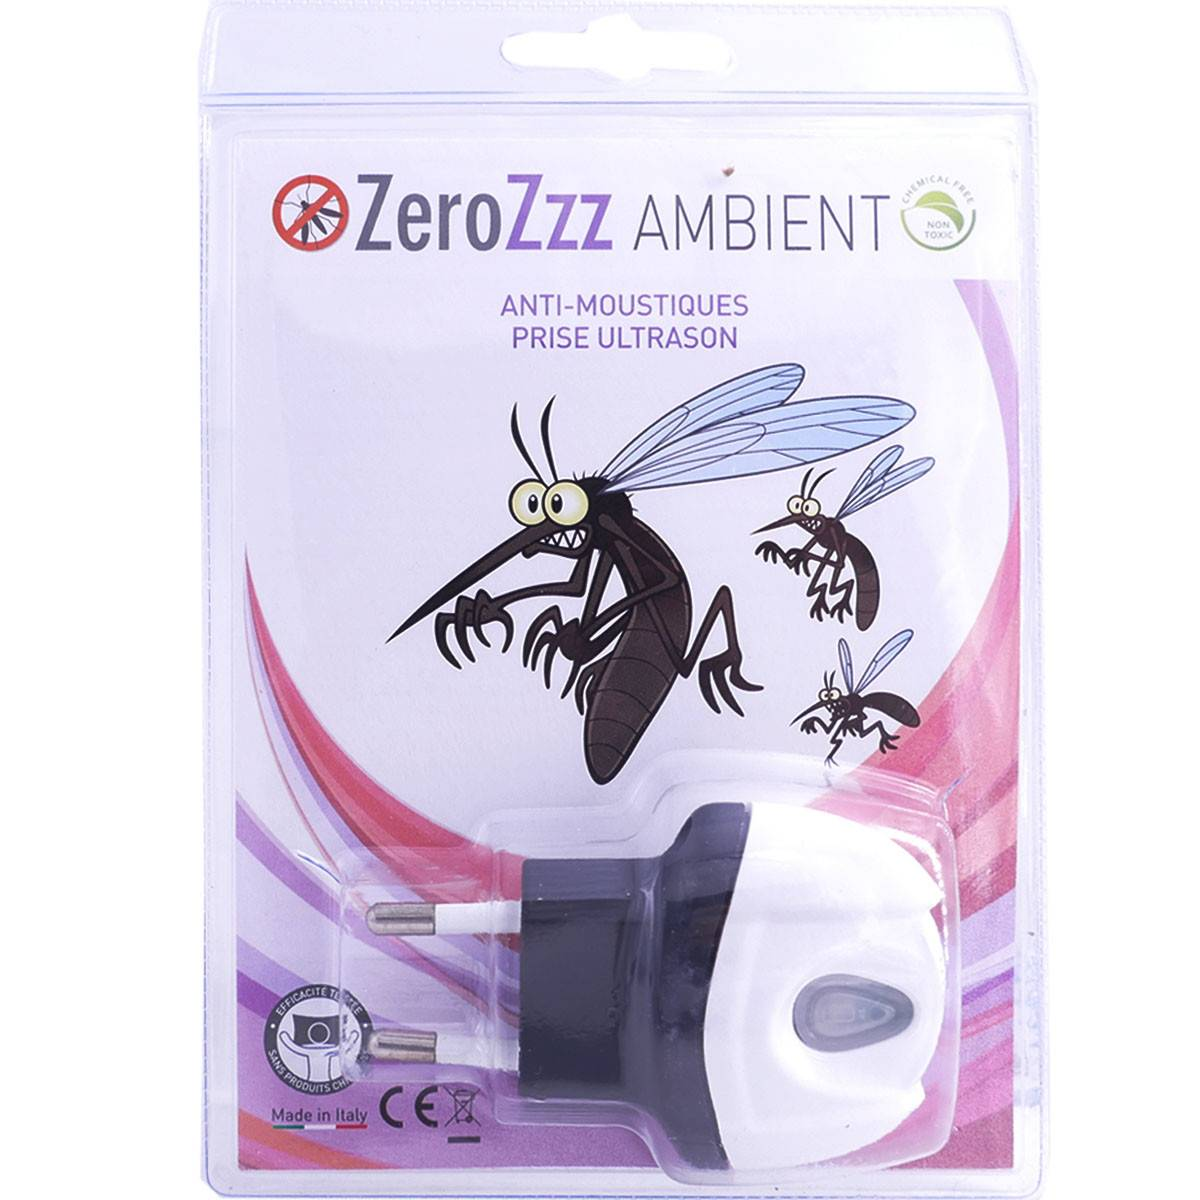 DIVERS Zerozzz ambient anti moustiques prise ultrason